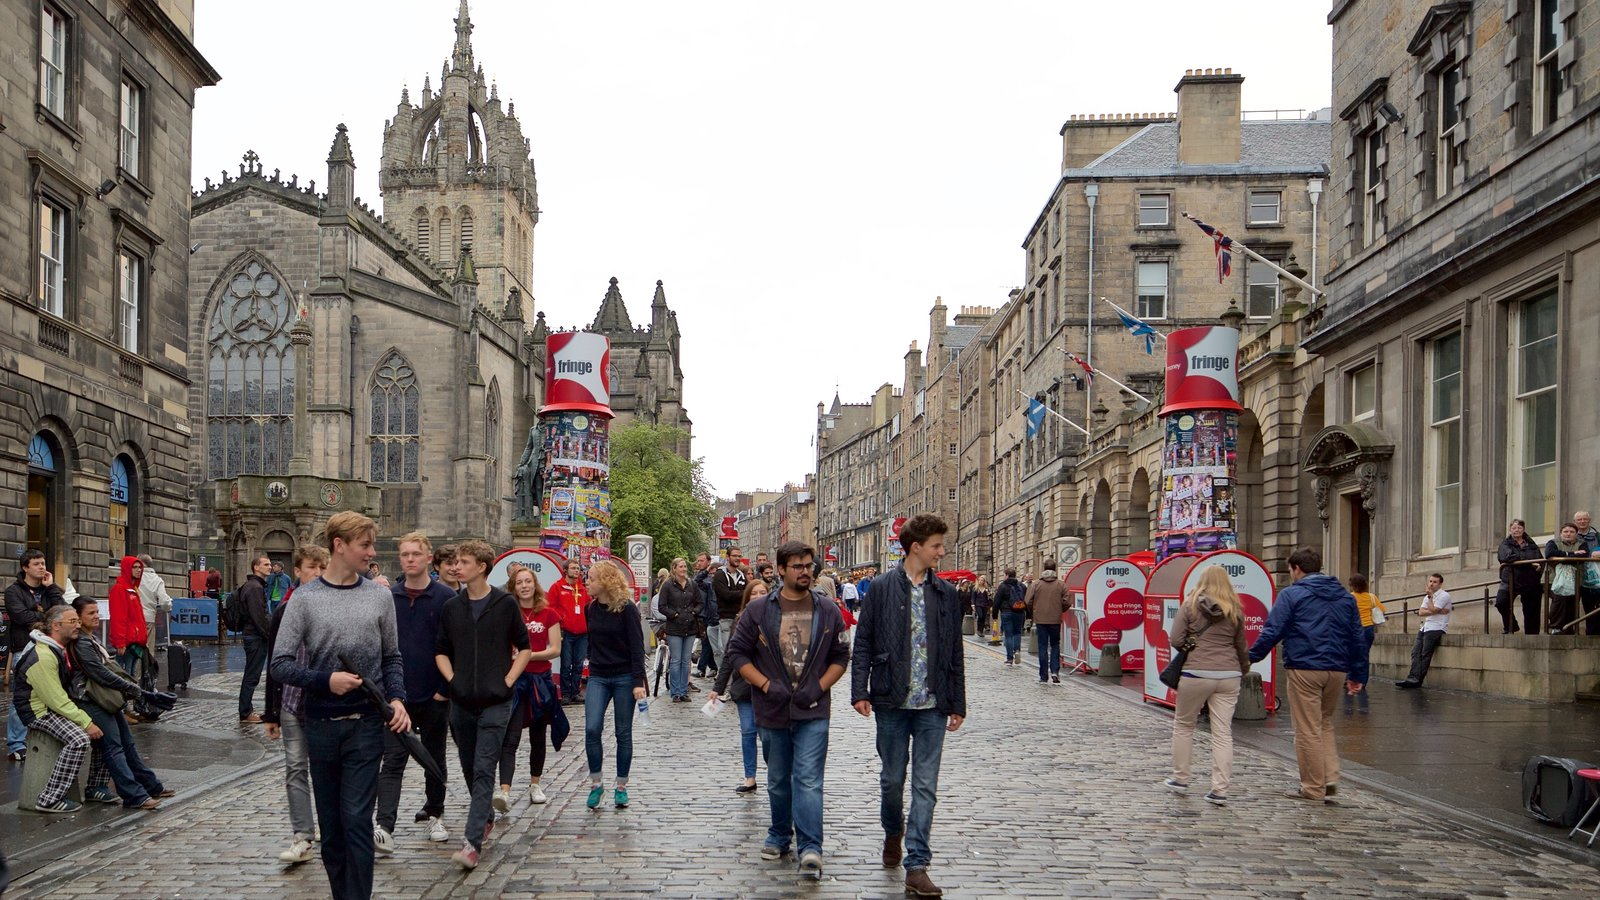 Old Town ofreciendo escenas urbanas y también un gran grupo de personas